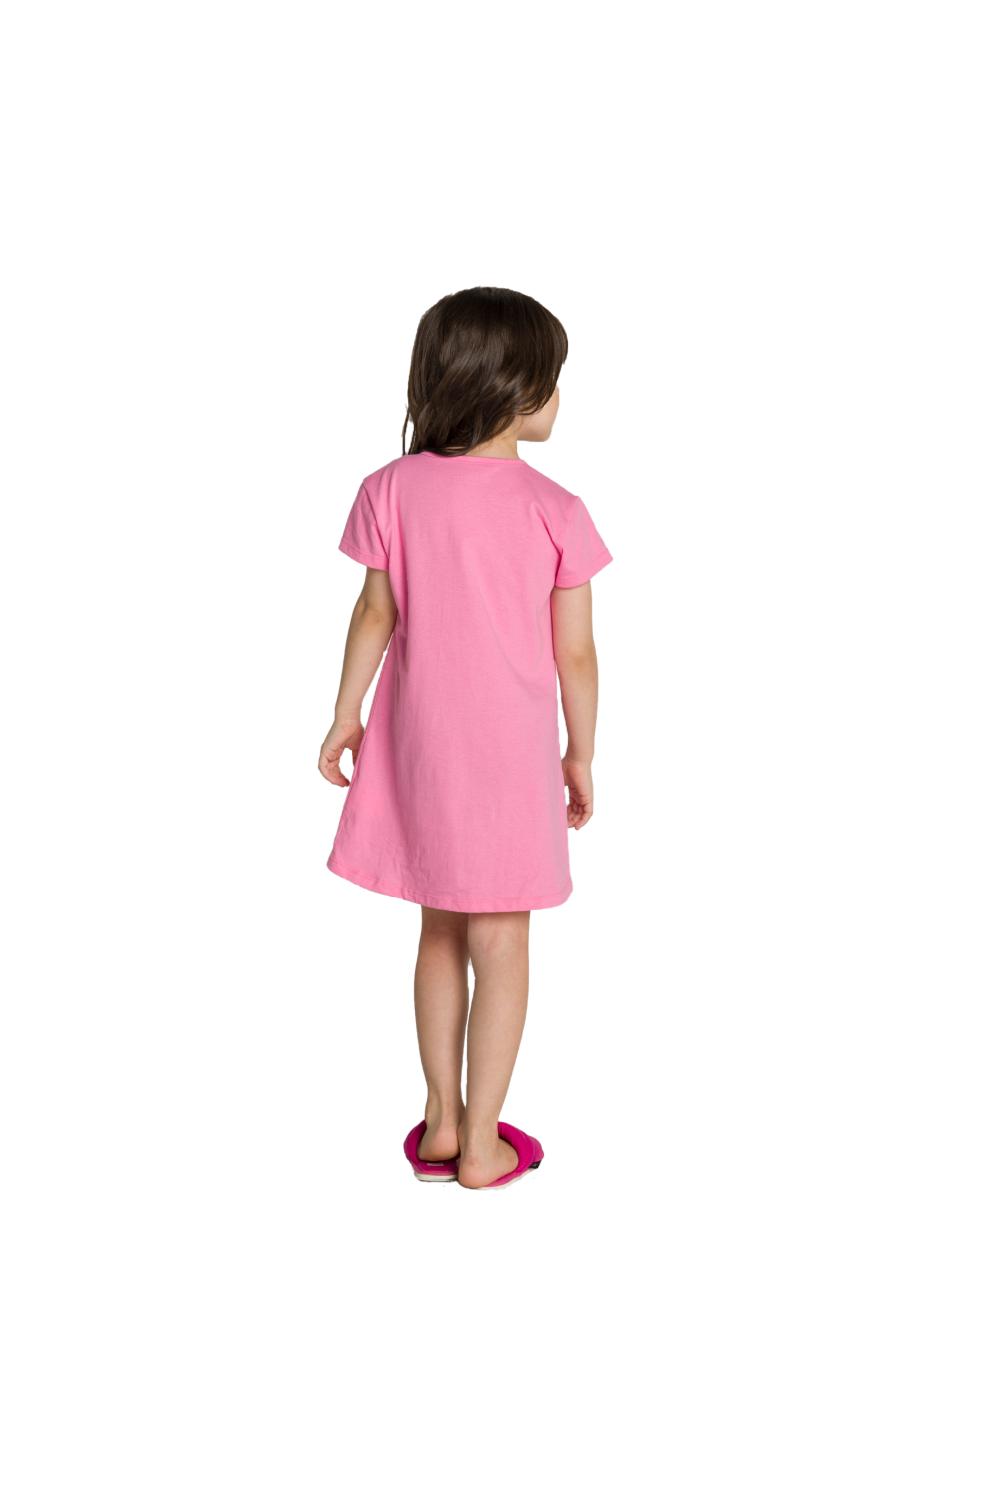 009/G - Camisola Infantil Sorvete com Granulado - Mãe e filha